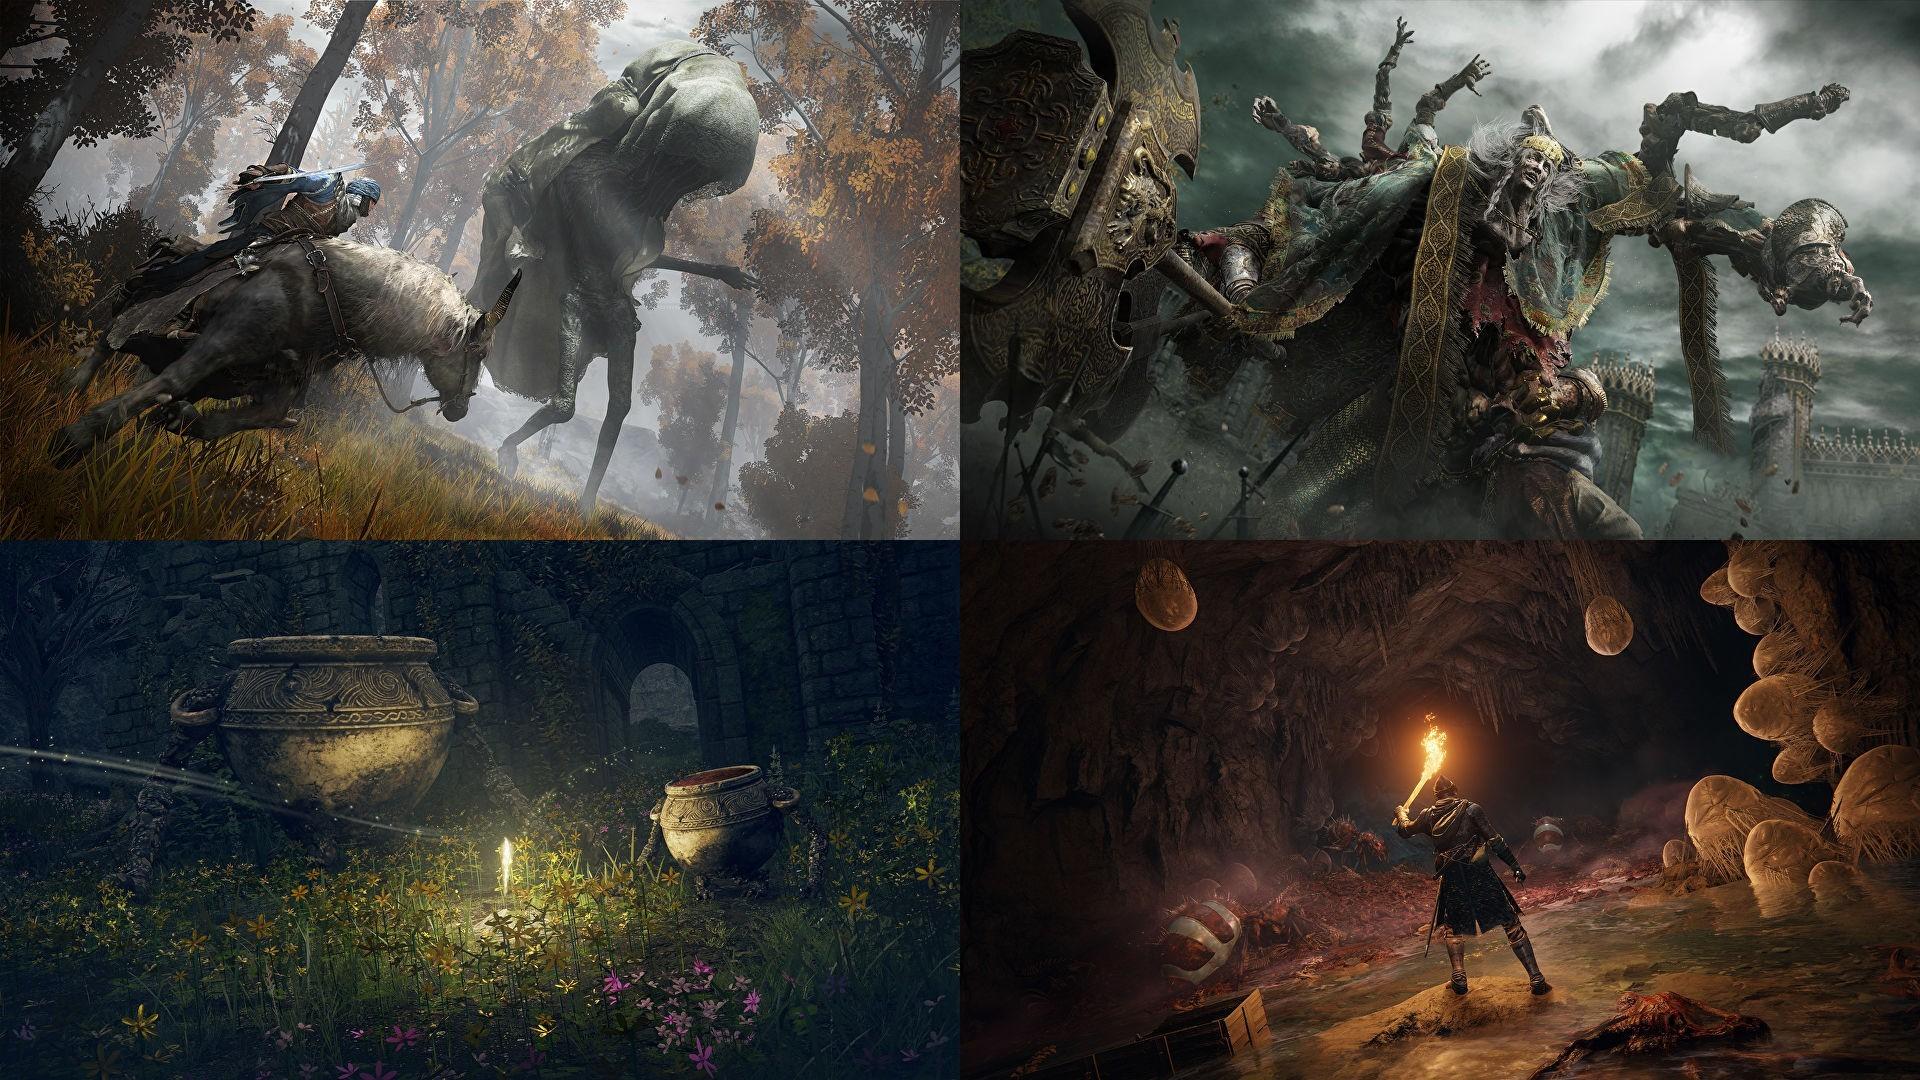 Передвижения на коне кооператив и узнаваемый стиль Dark Souls Какой будет Elden Ring